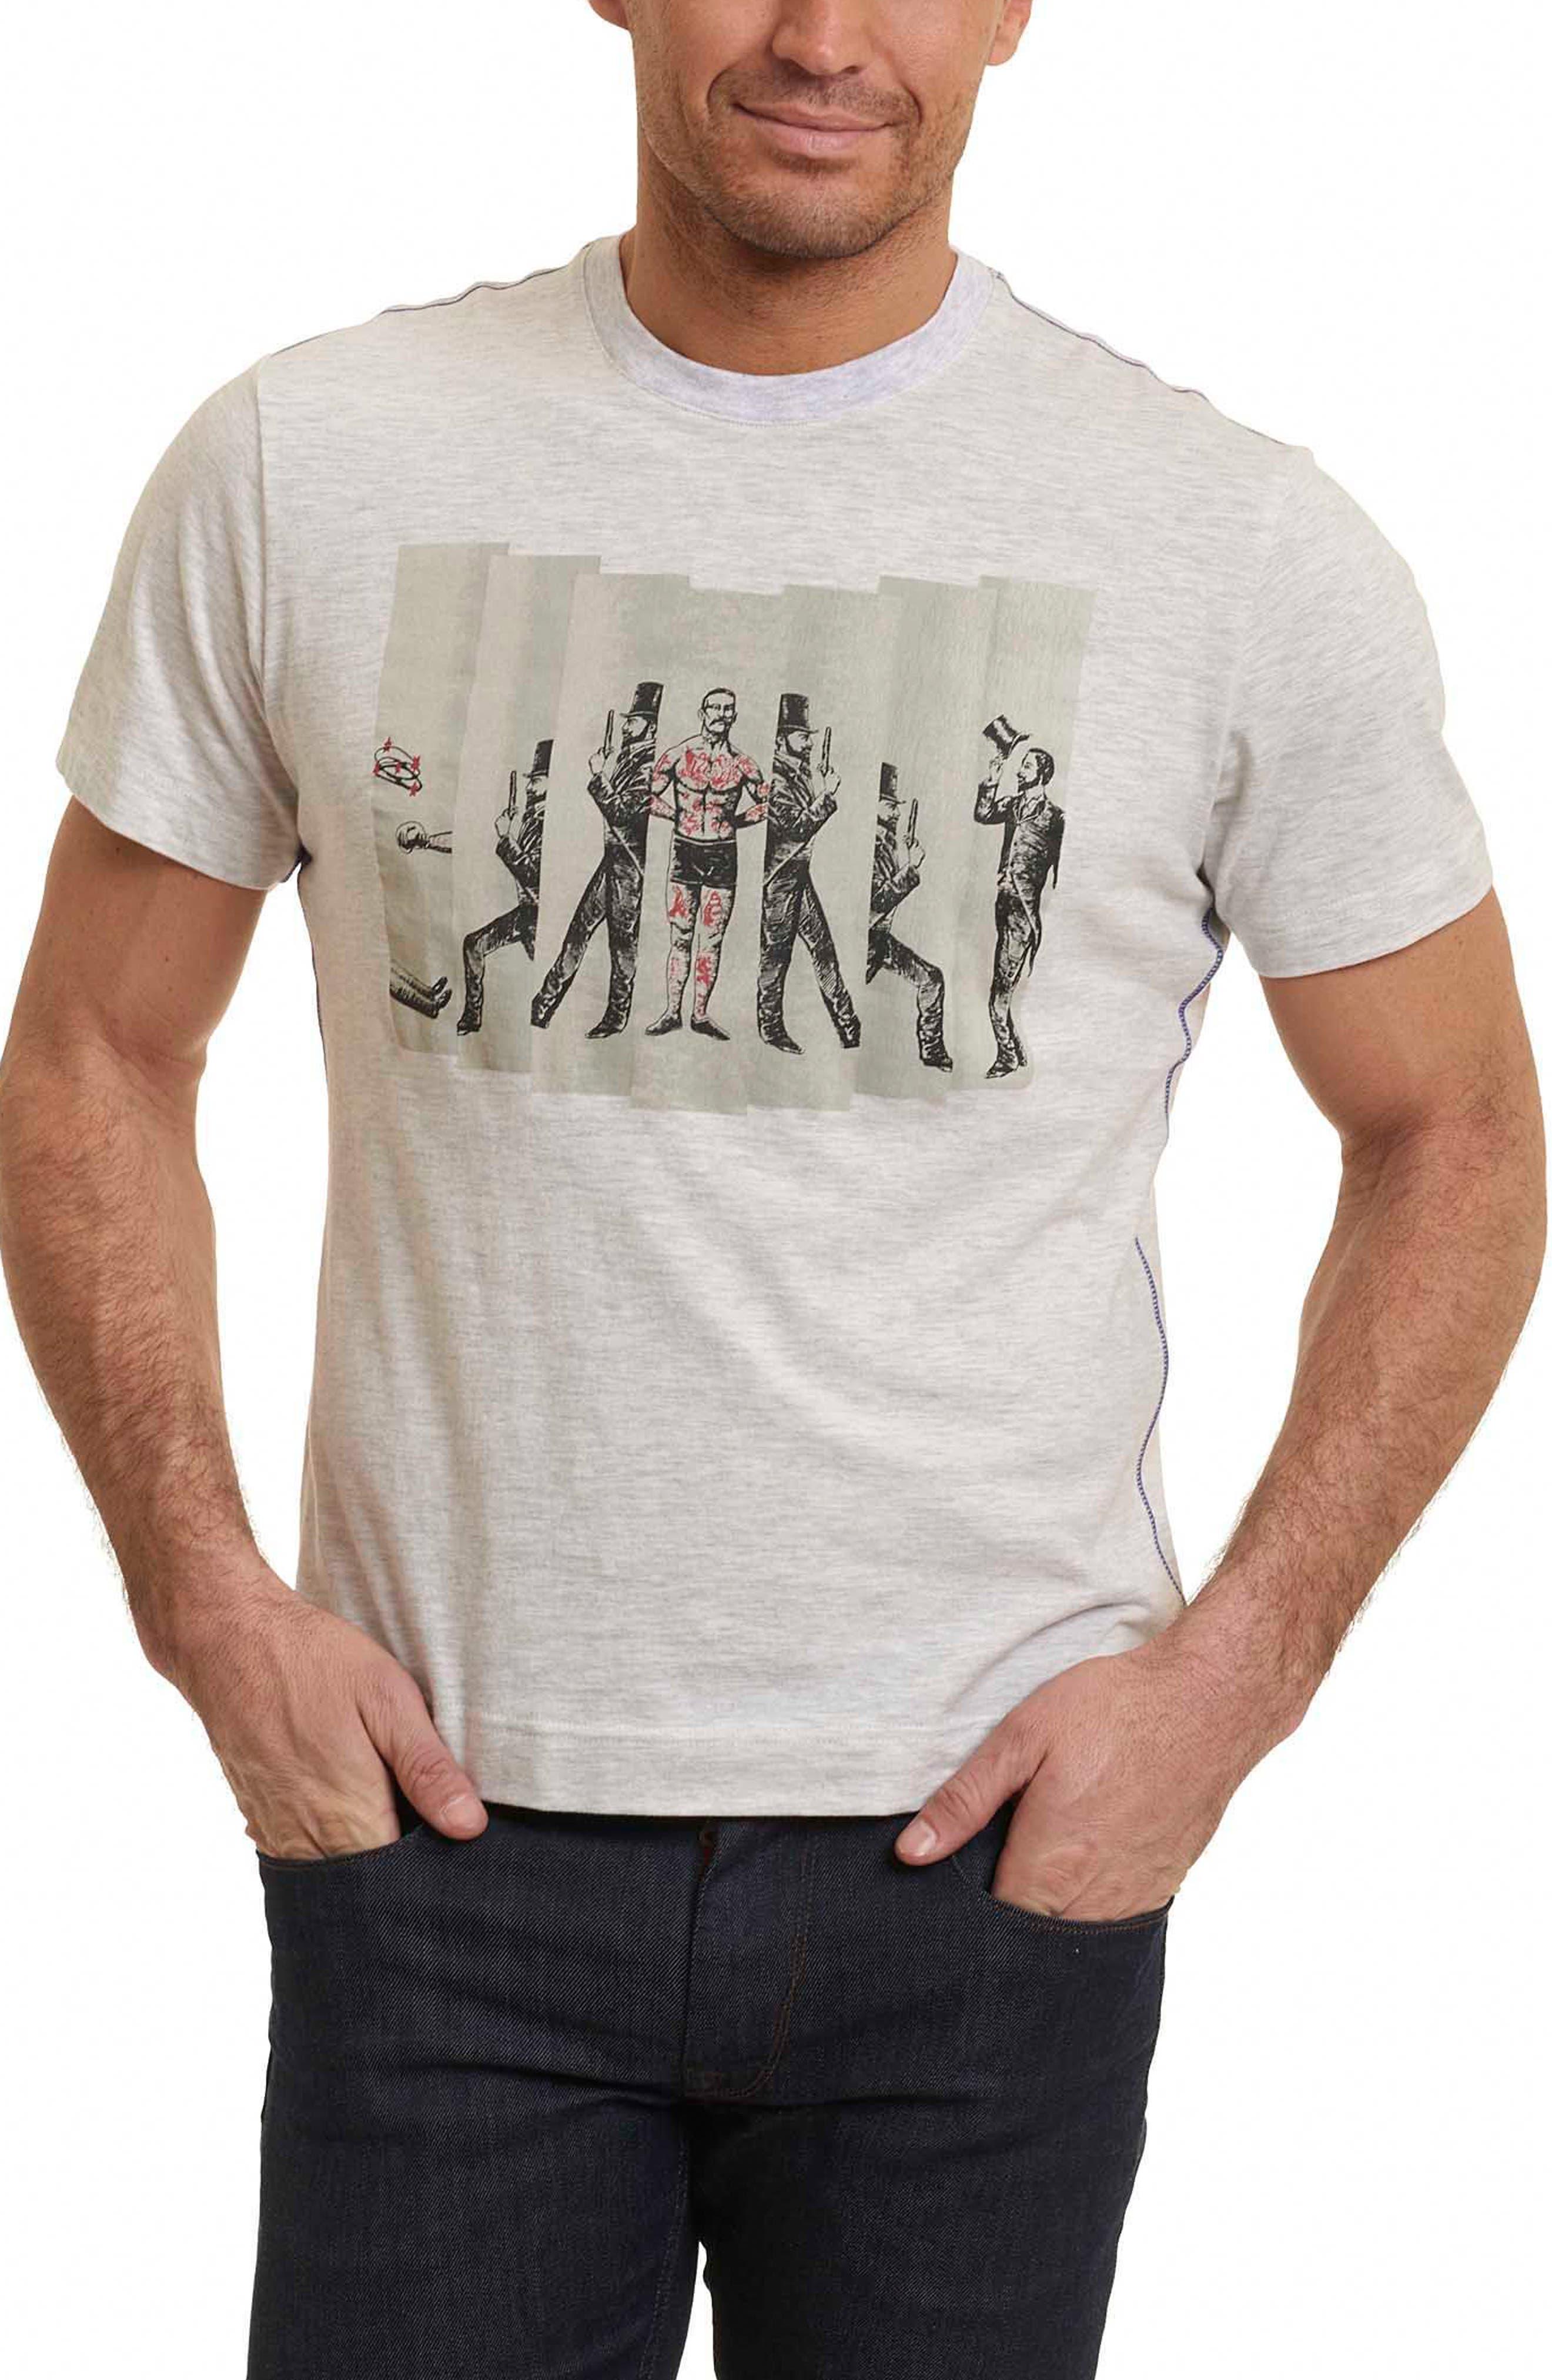 Guns Ready T-Shirt,                             Main thumbnail 1, color,                             270